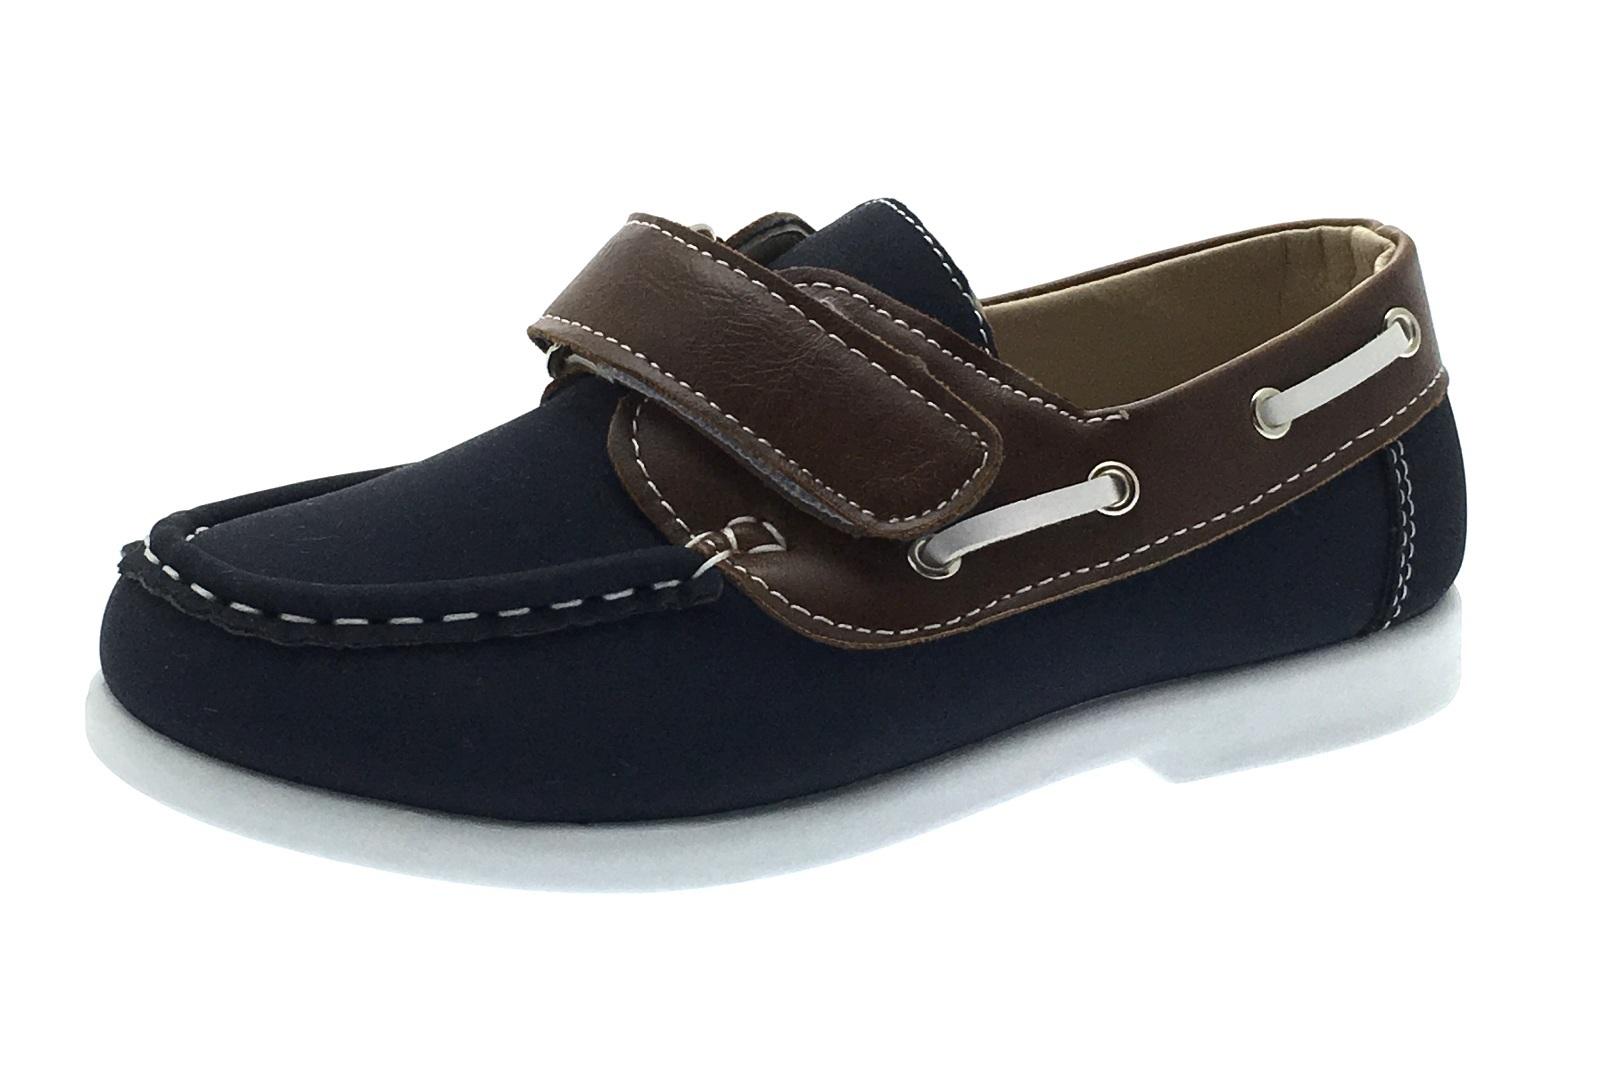 Infant Boat Shoes Uk